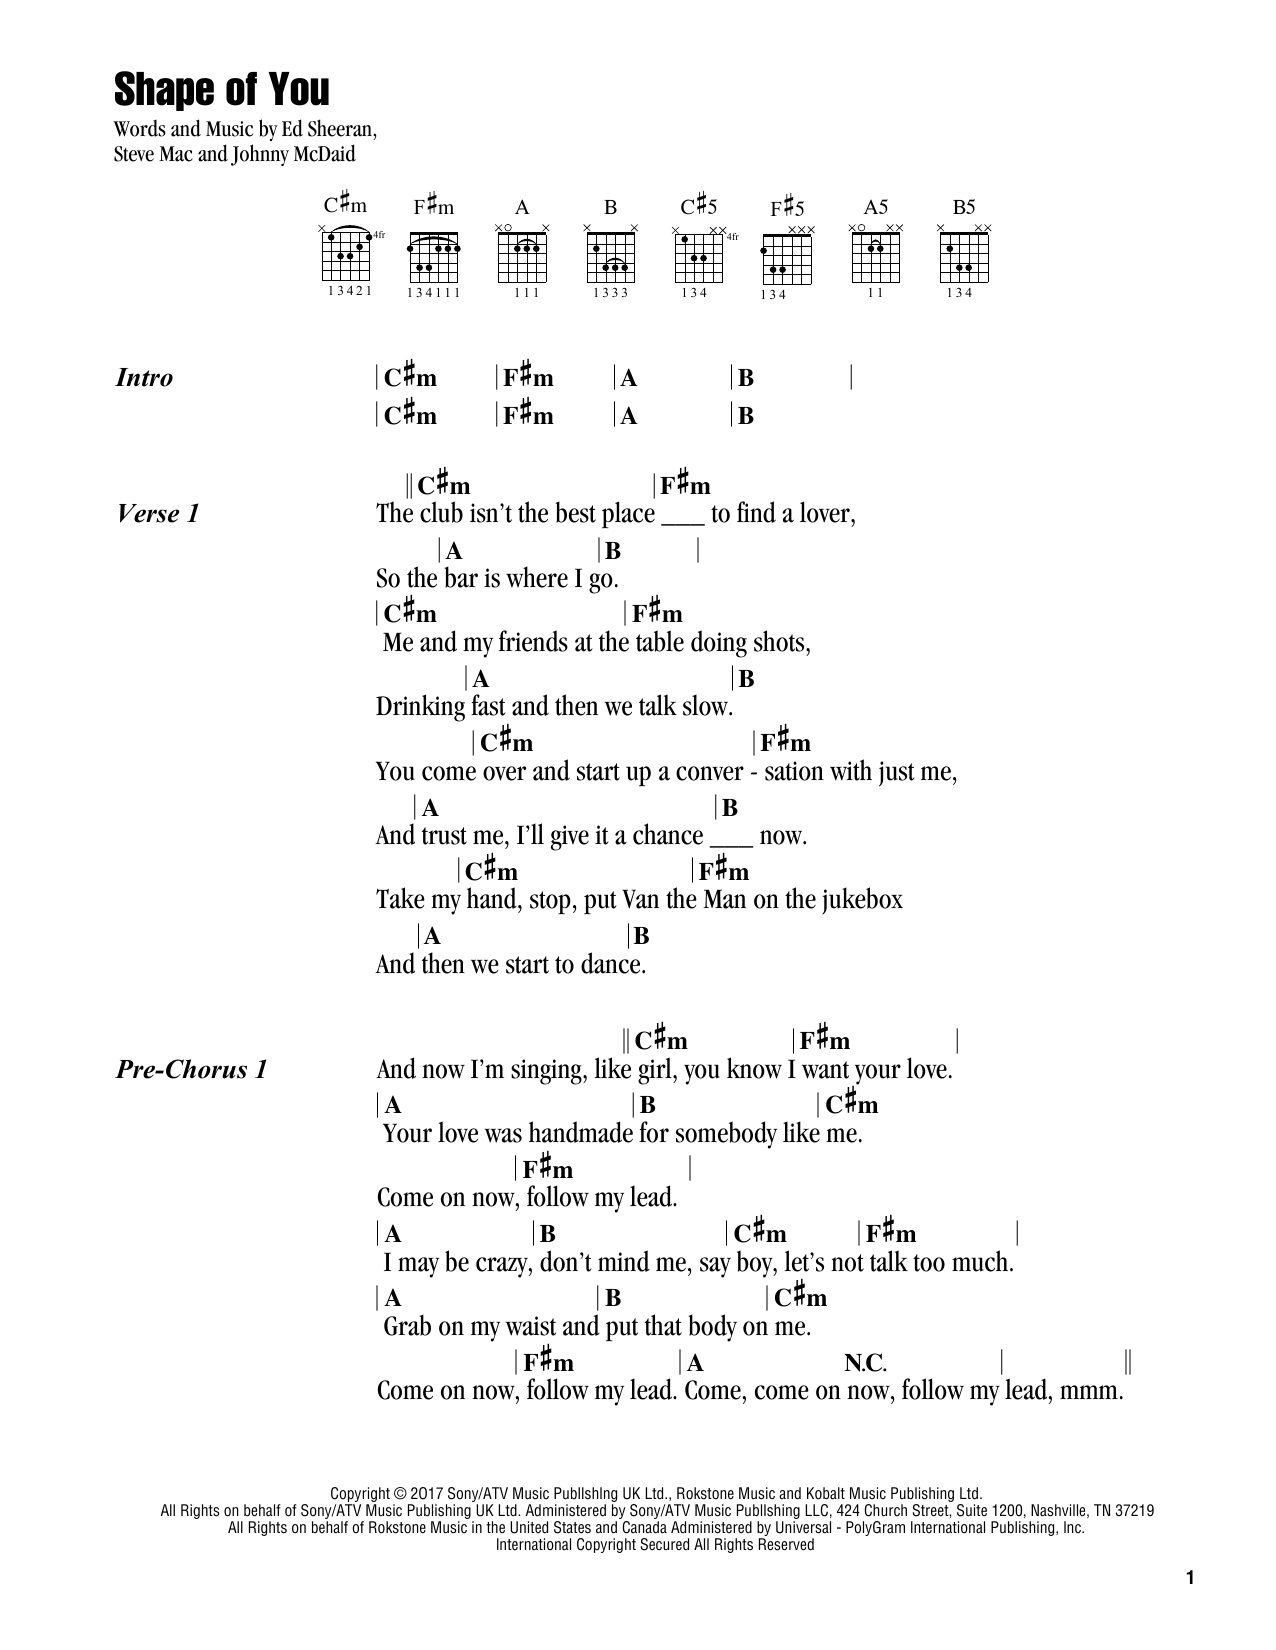 Shape Of You By Ed Sheeran Guitar Chords Lyrics Digital Sheet Music Guitar Chords Lyrics Ukulele Songs Shape Of You